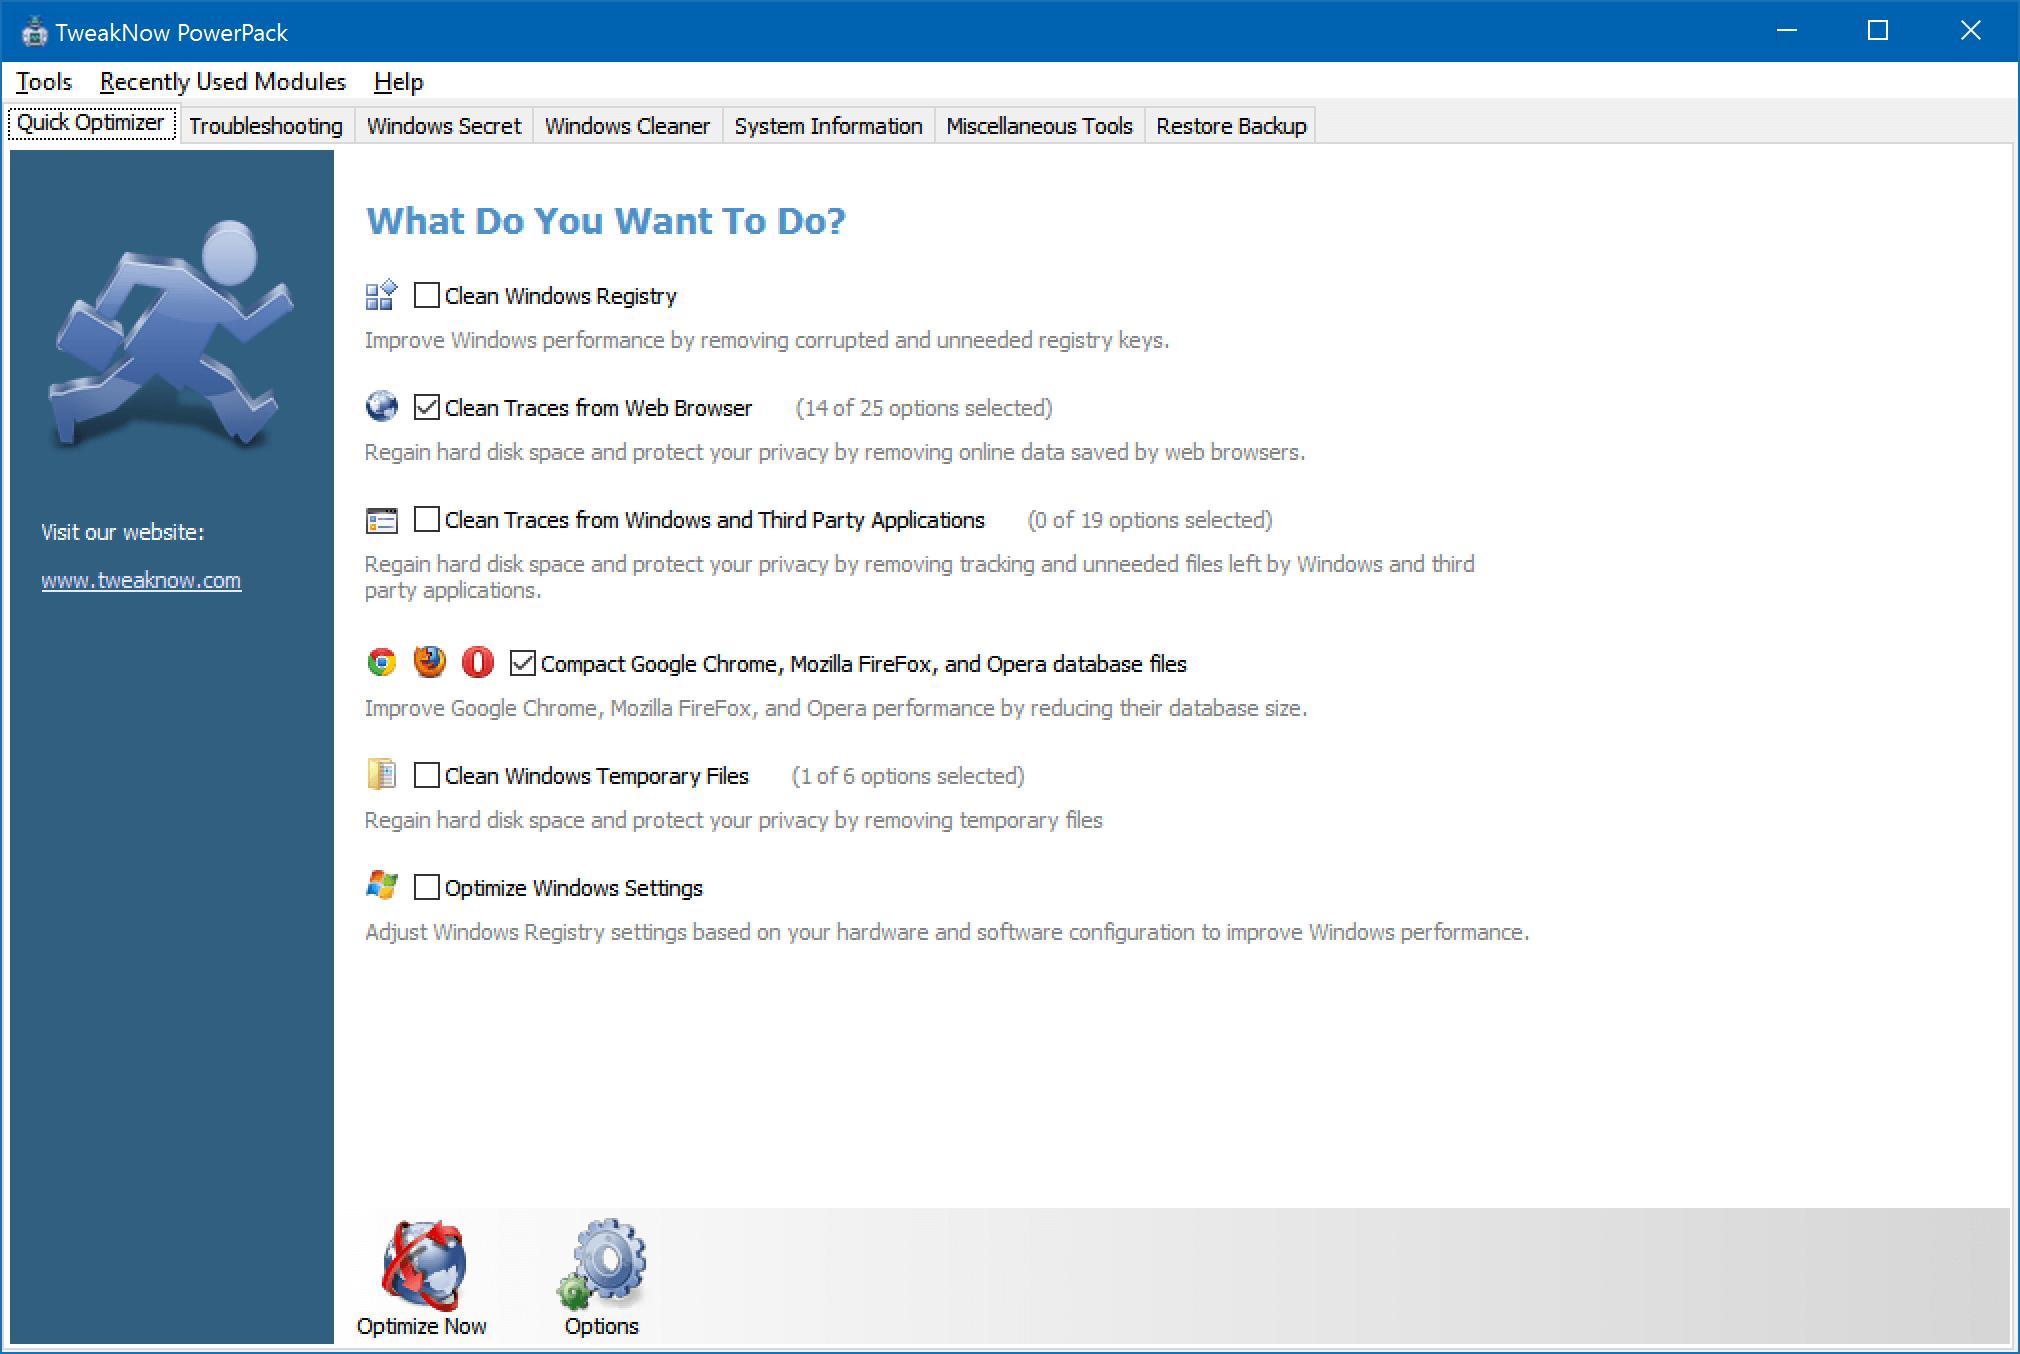 TweakNow PowerPack: A complete tweaking program for Windows